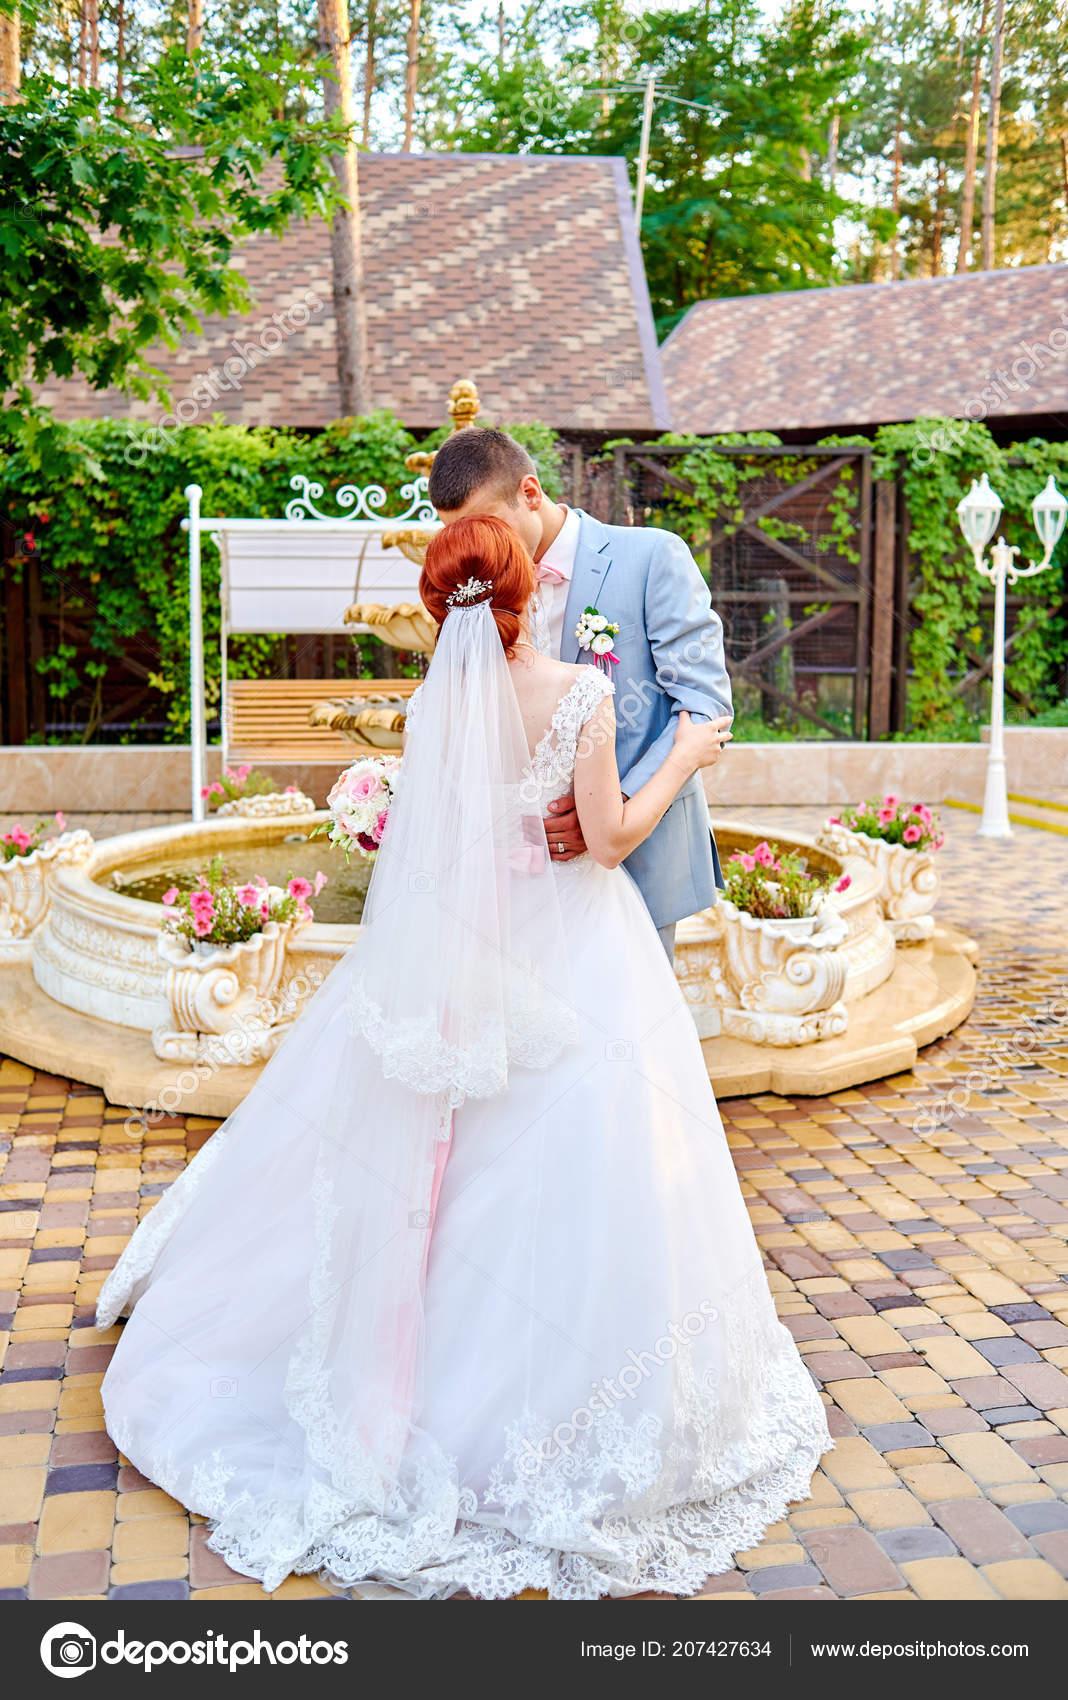 Trouwjurk Met Strik.Gelukkige Bruid Bruidegom Mooie Roodharige Witte Jurk Dansen